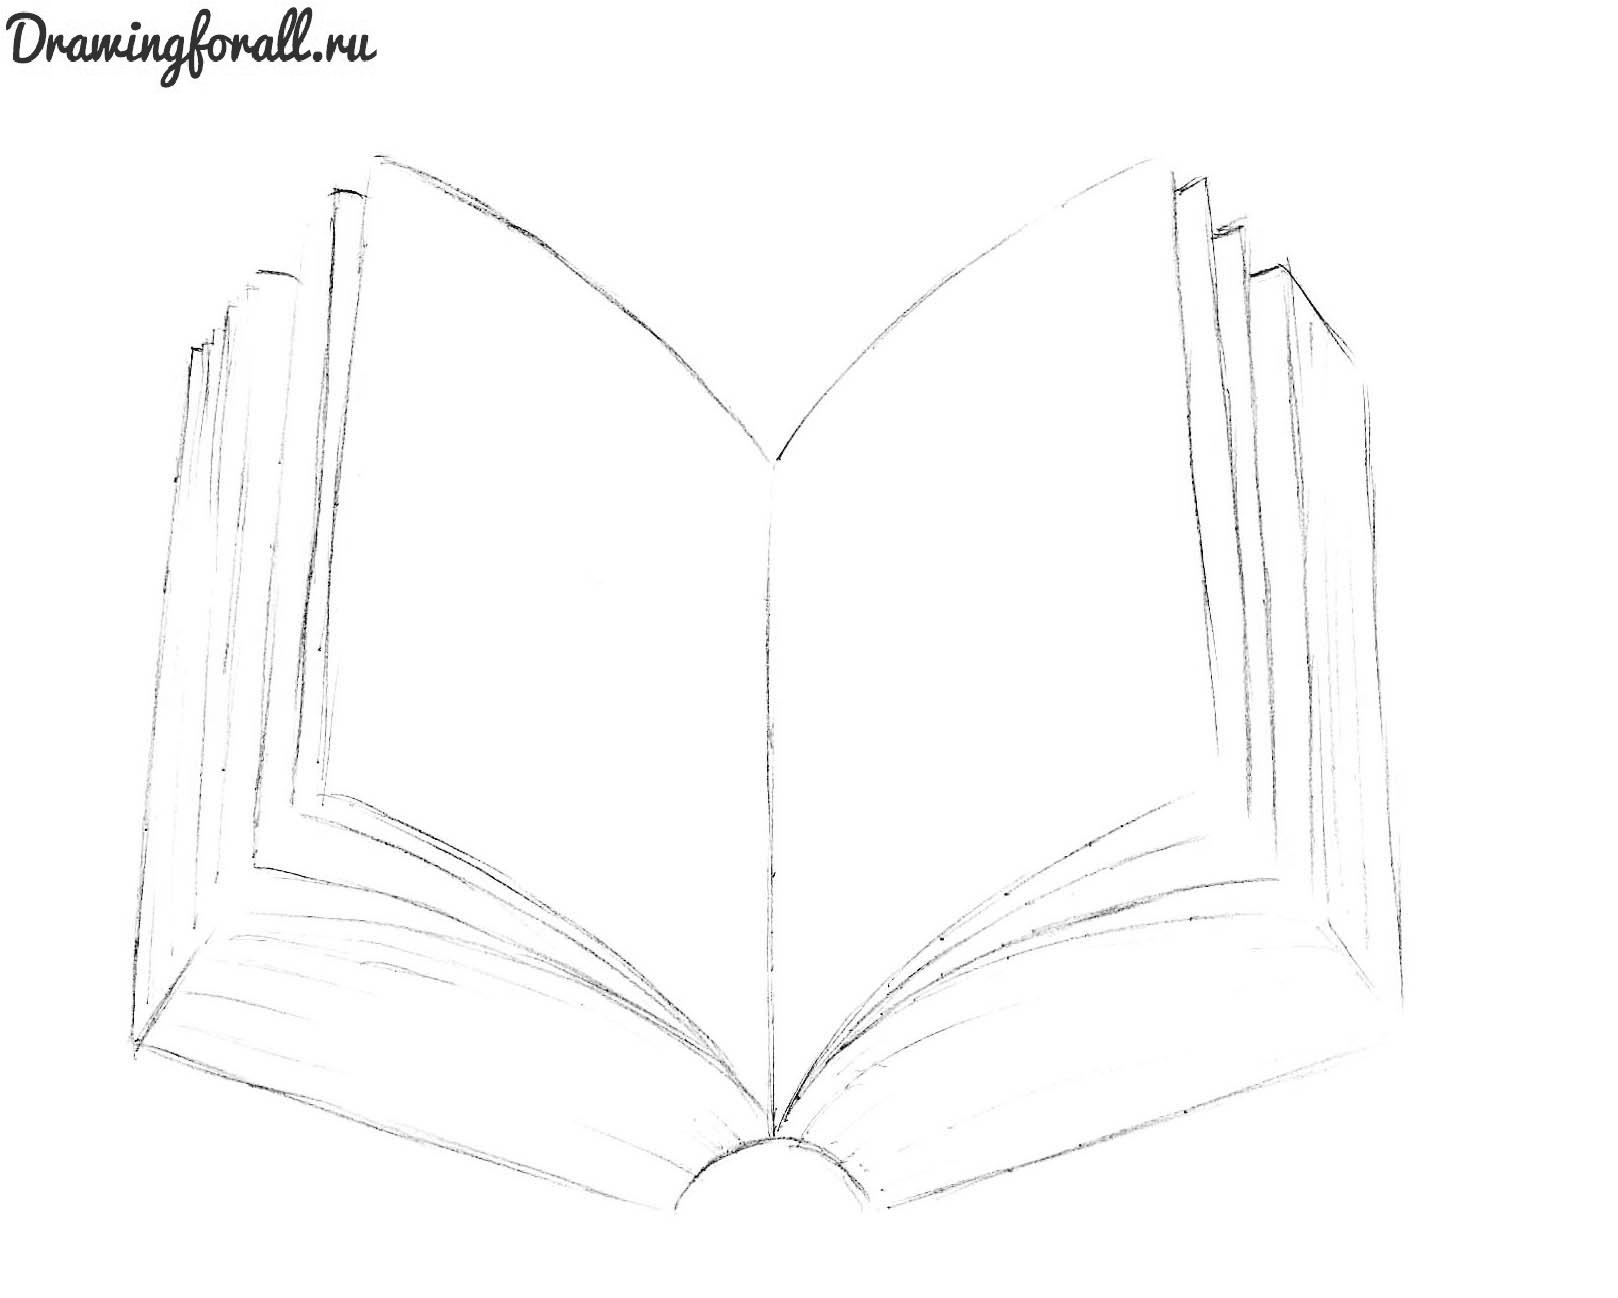 Уроки Рисования Карандашом Книгу Торрент